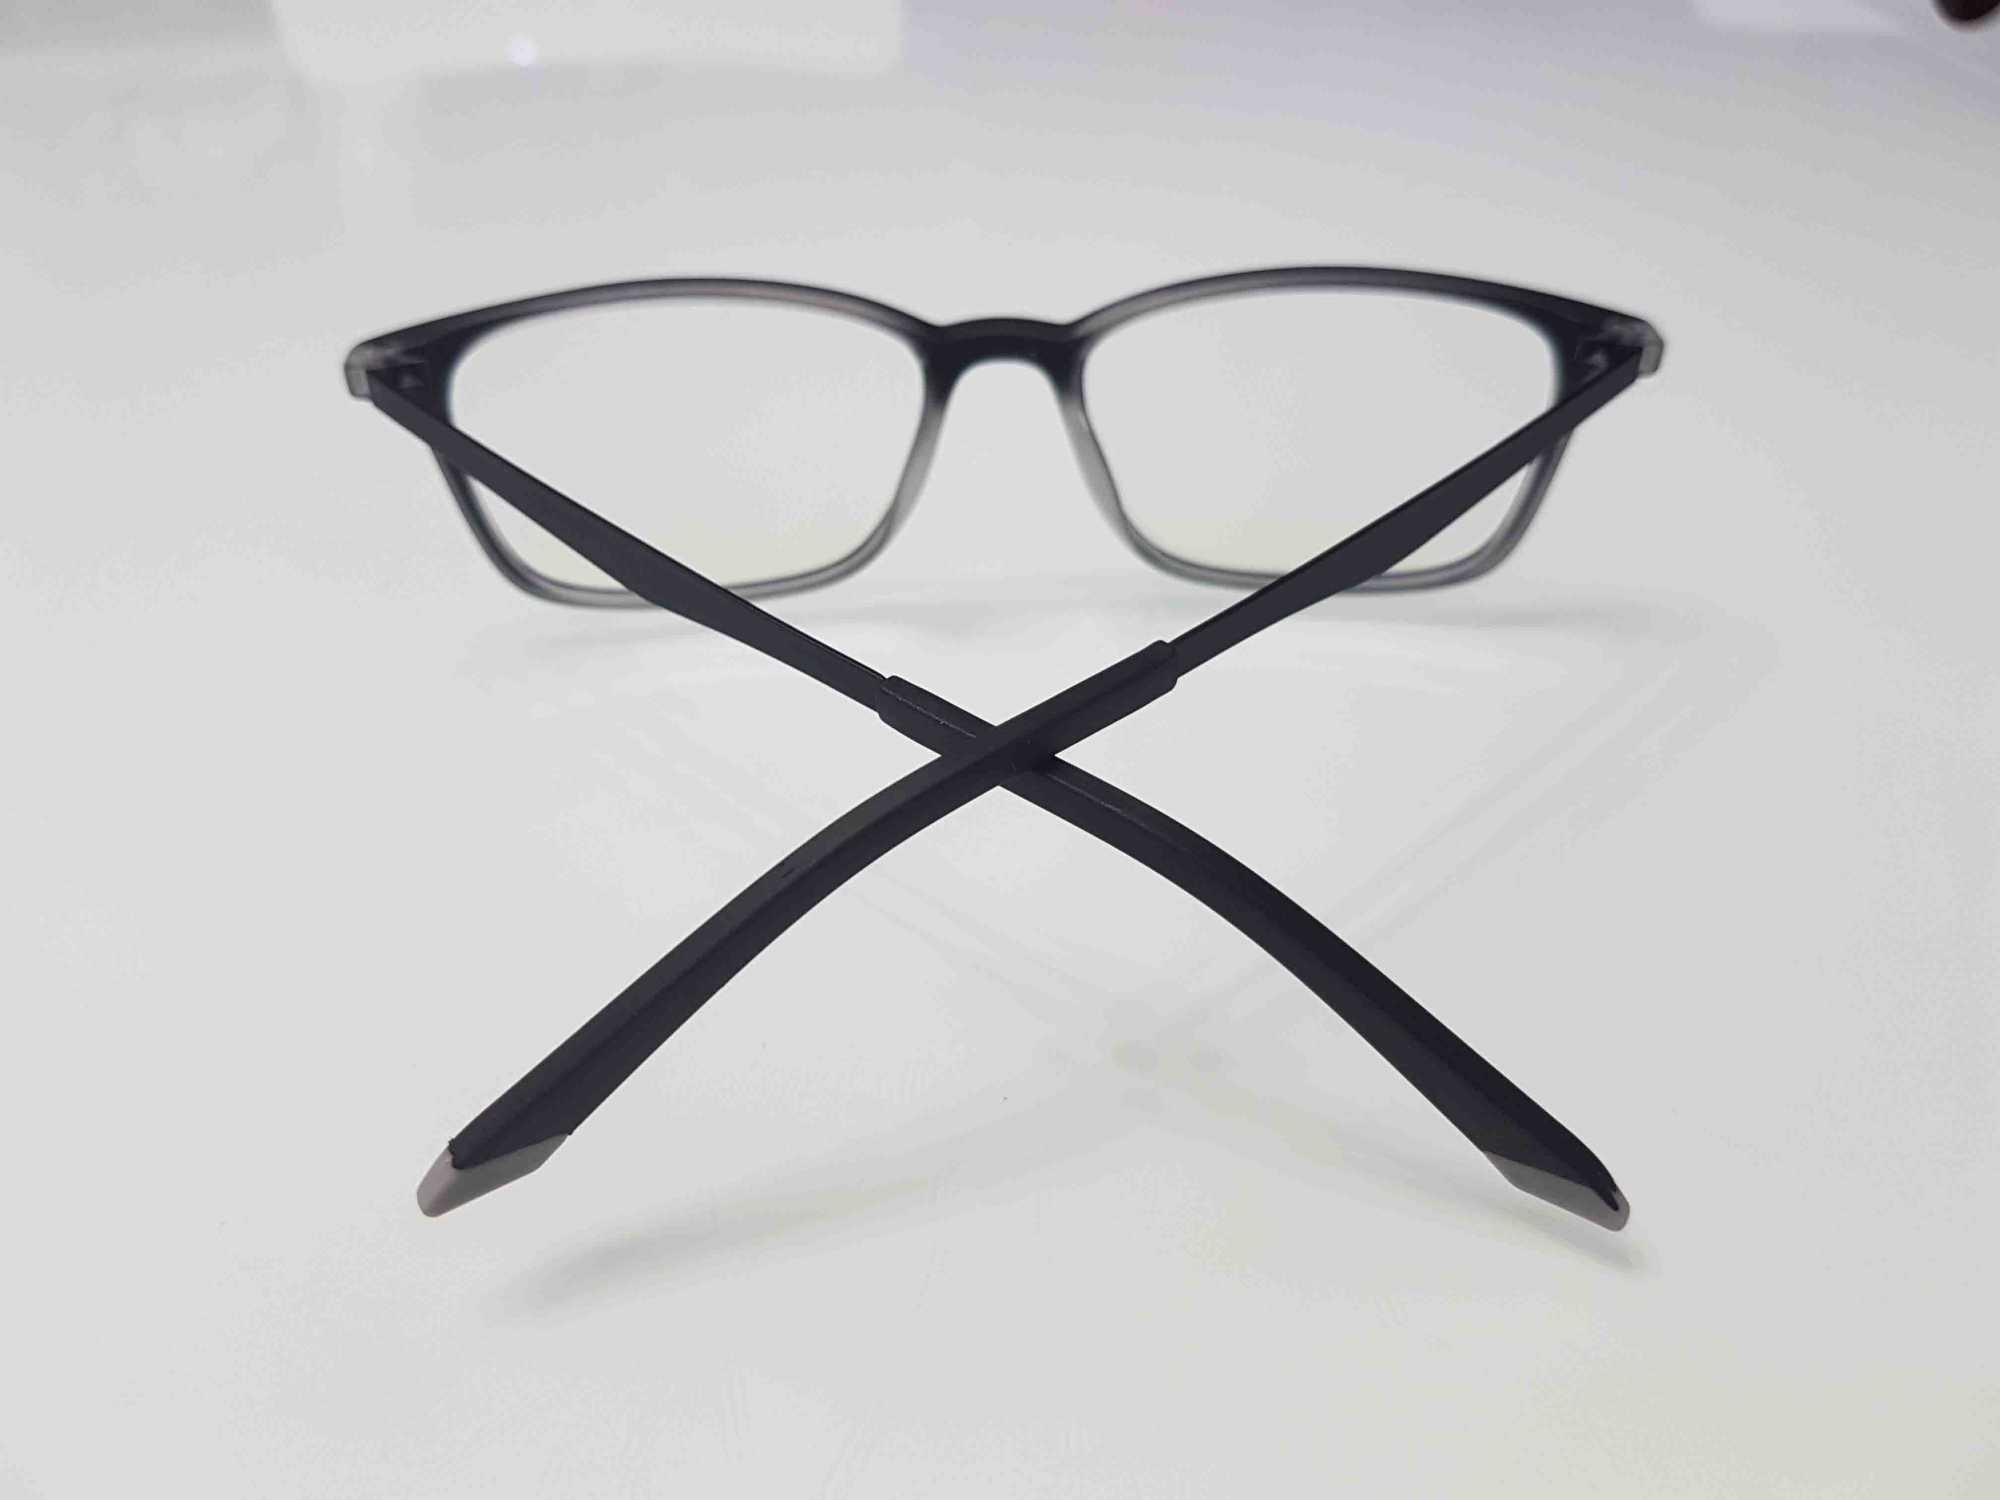 kính bảo vệ mắt người dùng máy tính